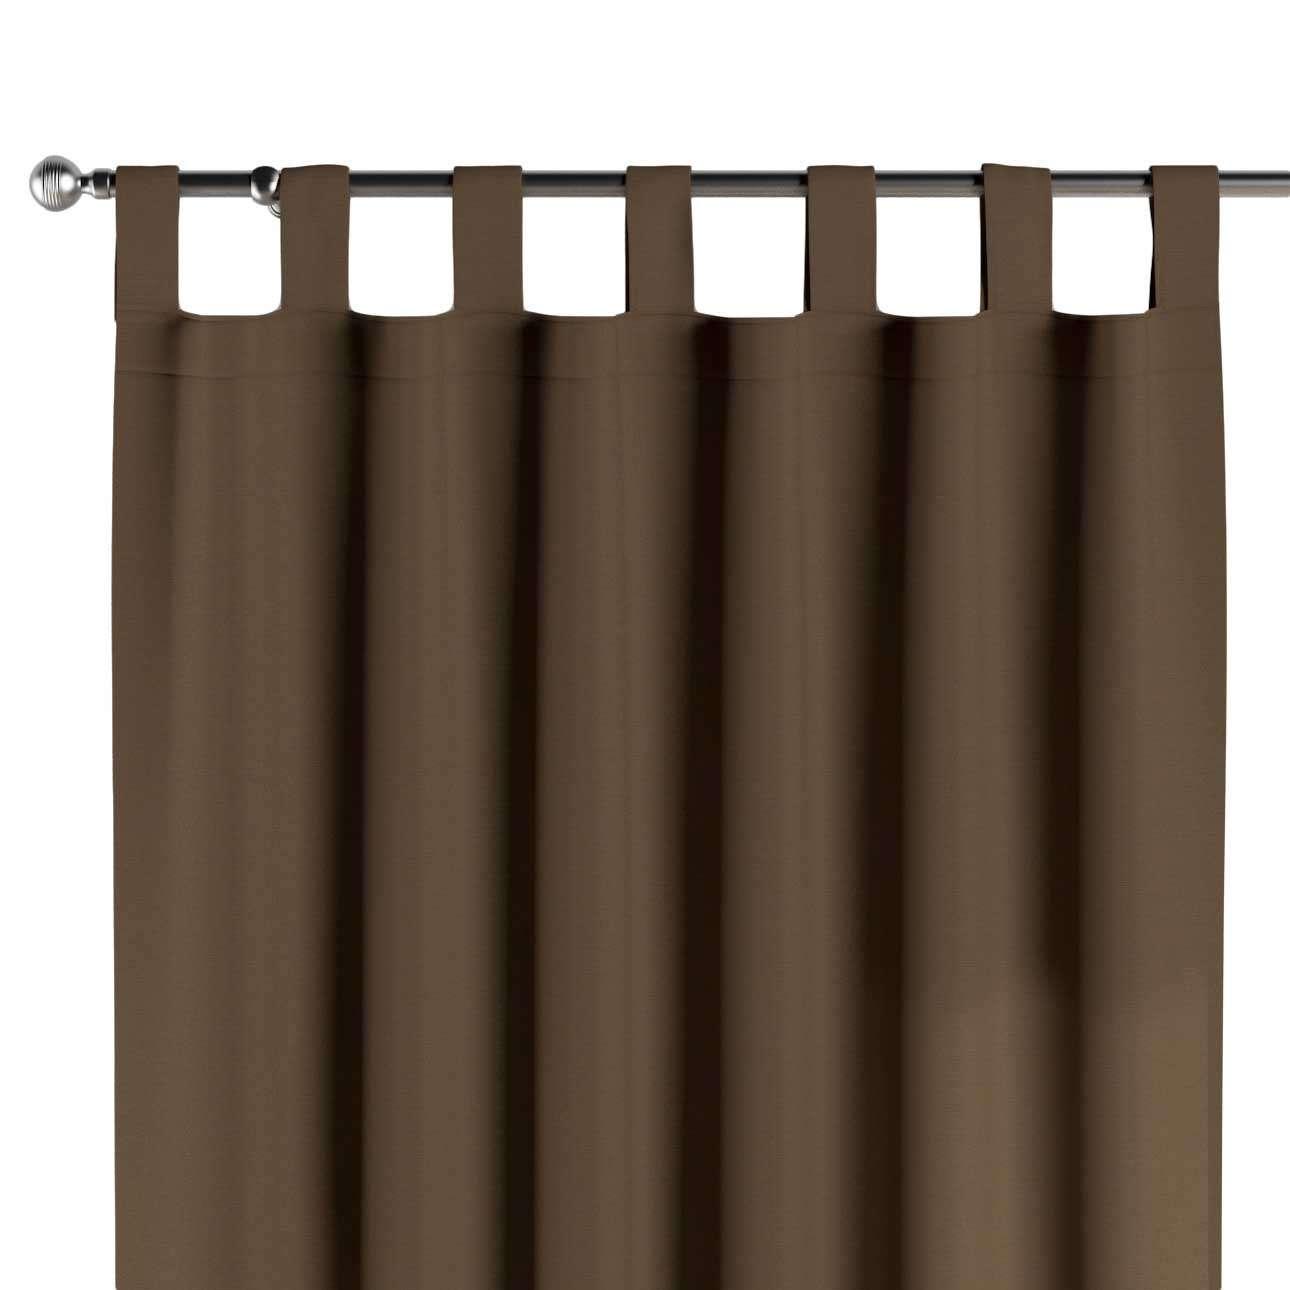 Schlaufenschal, mocca, 1 Stck. 130 × 260 cm, Cotton Panama | Heimtextilien > Gardinen und Vorhänge > Schlaufenschals | Dekoria